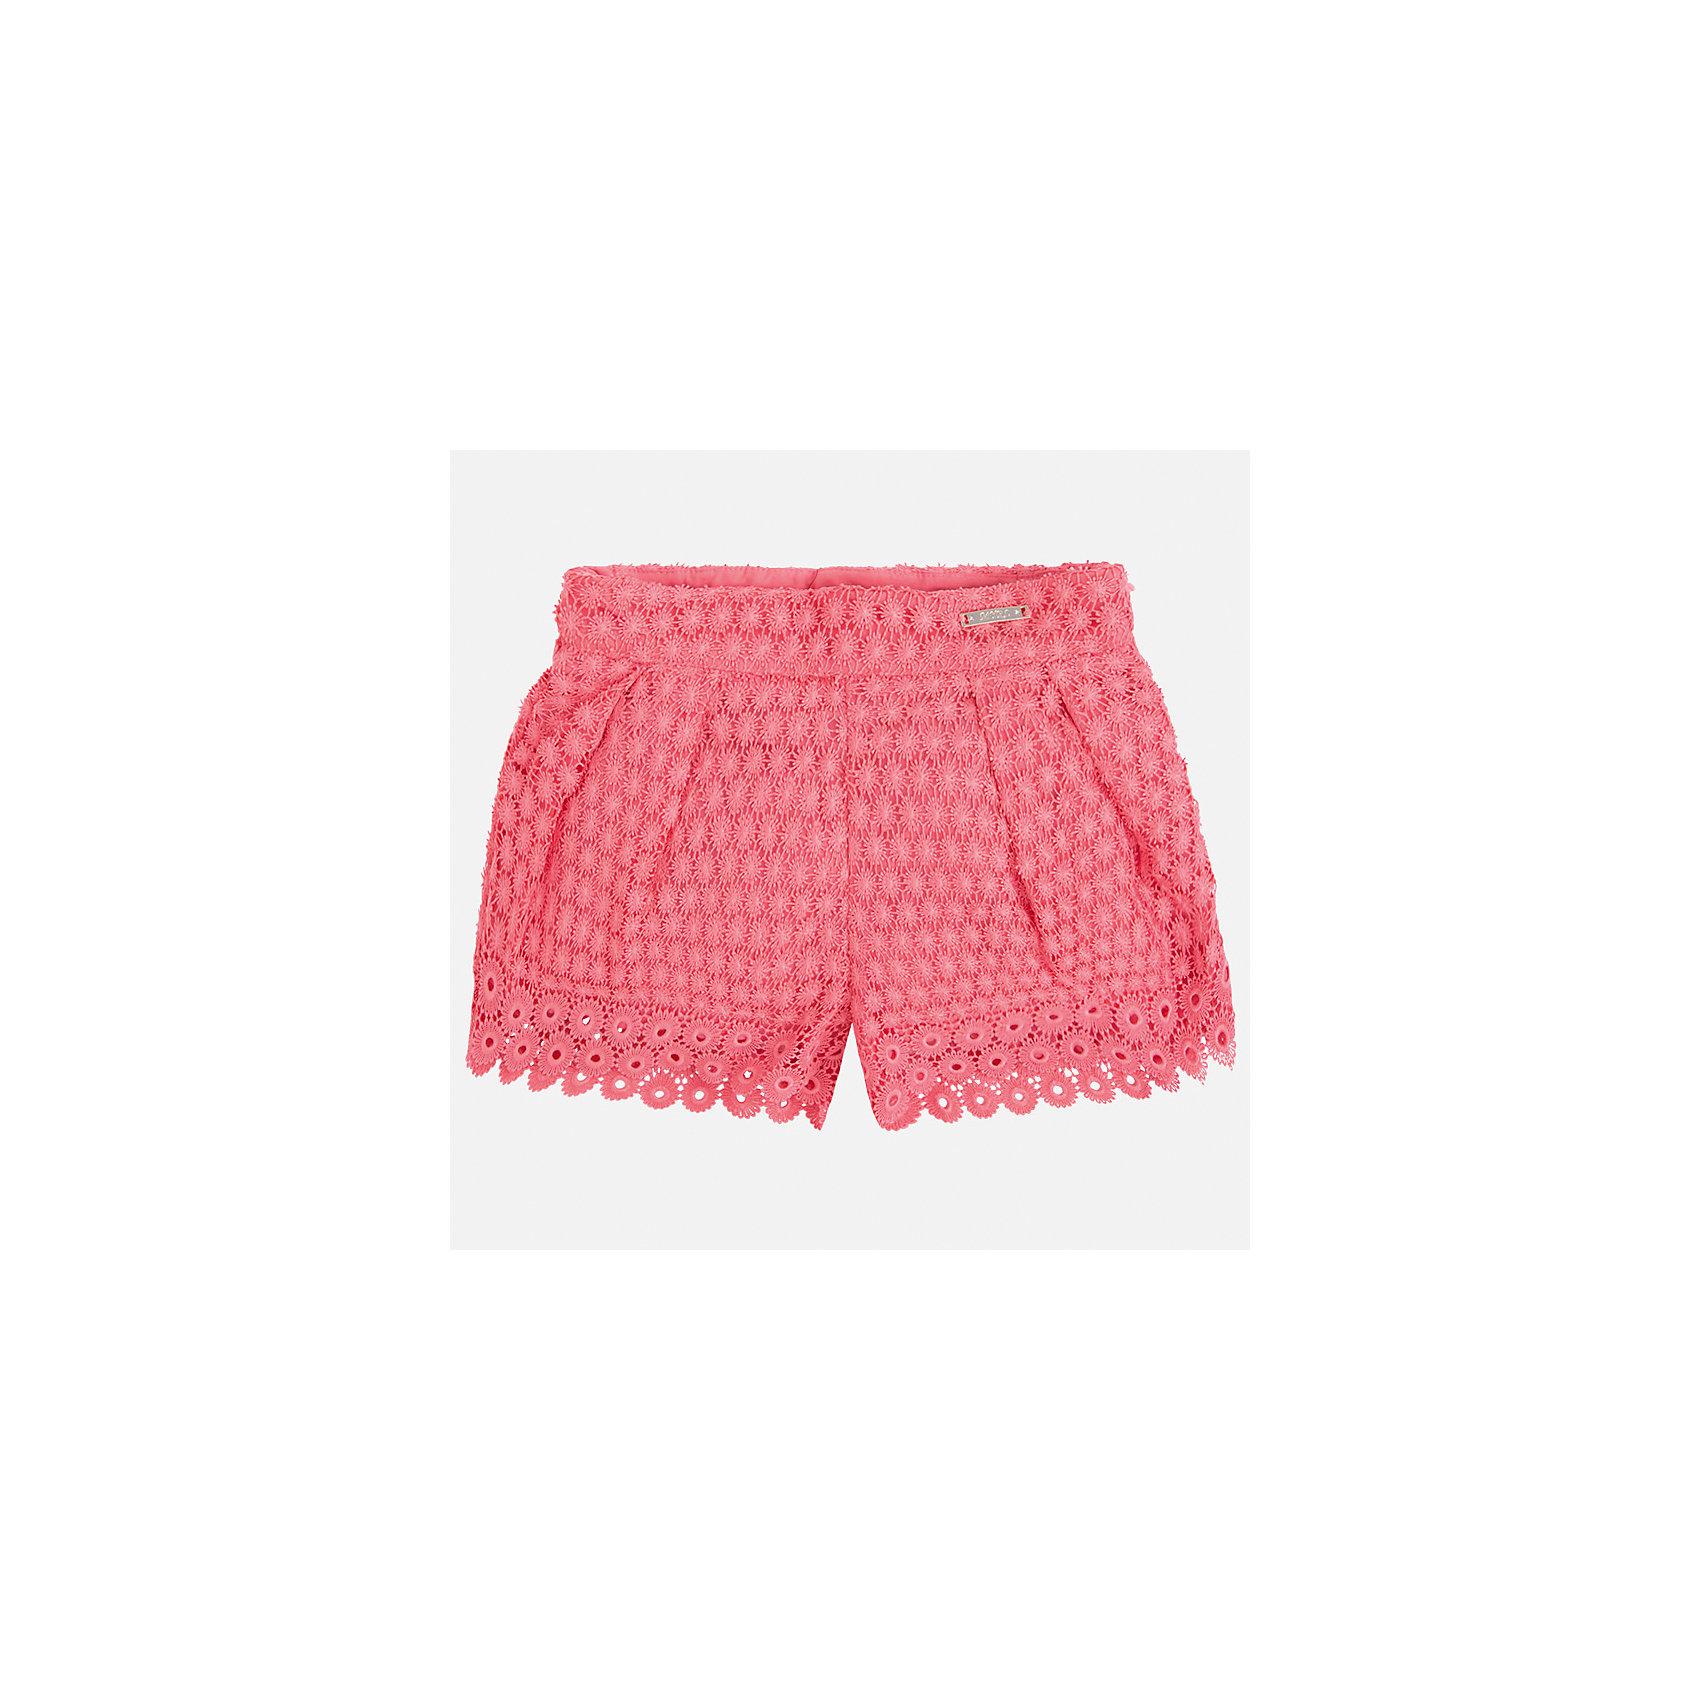 Шорты для девочки MayoralХарактеристики товара:<br><br>• цвет: оранжевый<br>• состав: верх - 100% полиэстер, подкладка - 80% полиэстер, 20% хлопок<br>• легкий материал<br>• с подкладкой<br>• пояс на резинке<br>• ажурный верх<br>• страна бренда: Испания<br><br>Модные легкие шорты для девочки смогут разнообразить гардероб ребенка и украсить наряд. Они отлично сочетаются с майками, футболками, блузками. Красивый оттенок позволяет подобрать к вещи верх разных расцветок. Интересный крой модели делает её нарядной и оригинальной. <br>Одежда, обувь и аксессуары от испанского бренда Mayoral полюбились детям и взрослым по всему миру. Модели этой марки - стильные и удобные. Для их производства используются только безопасные, качественные материалы и фурнитура. Порадуйте ребенка модными и красивыми вещами от Mayoral! <br><br>Шорты для девочки от испанского бренда Mayoral (Майорал) можно купить в нашем интернет-магазине.<br><br>Ширина мм: 191<br>Глубина мм: 10<br>Высота мм: 175<br>Вес г: 273<br>Цвет: розовый<br>Возраст от месяцев: 96<br>Возраст до месяцев: 108<br>Пол: Женский<br>Возраст: Детский<br>Размер: 134,98,104,110,116,122,128<br>SKU: 5289667